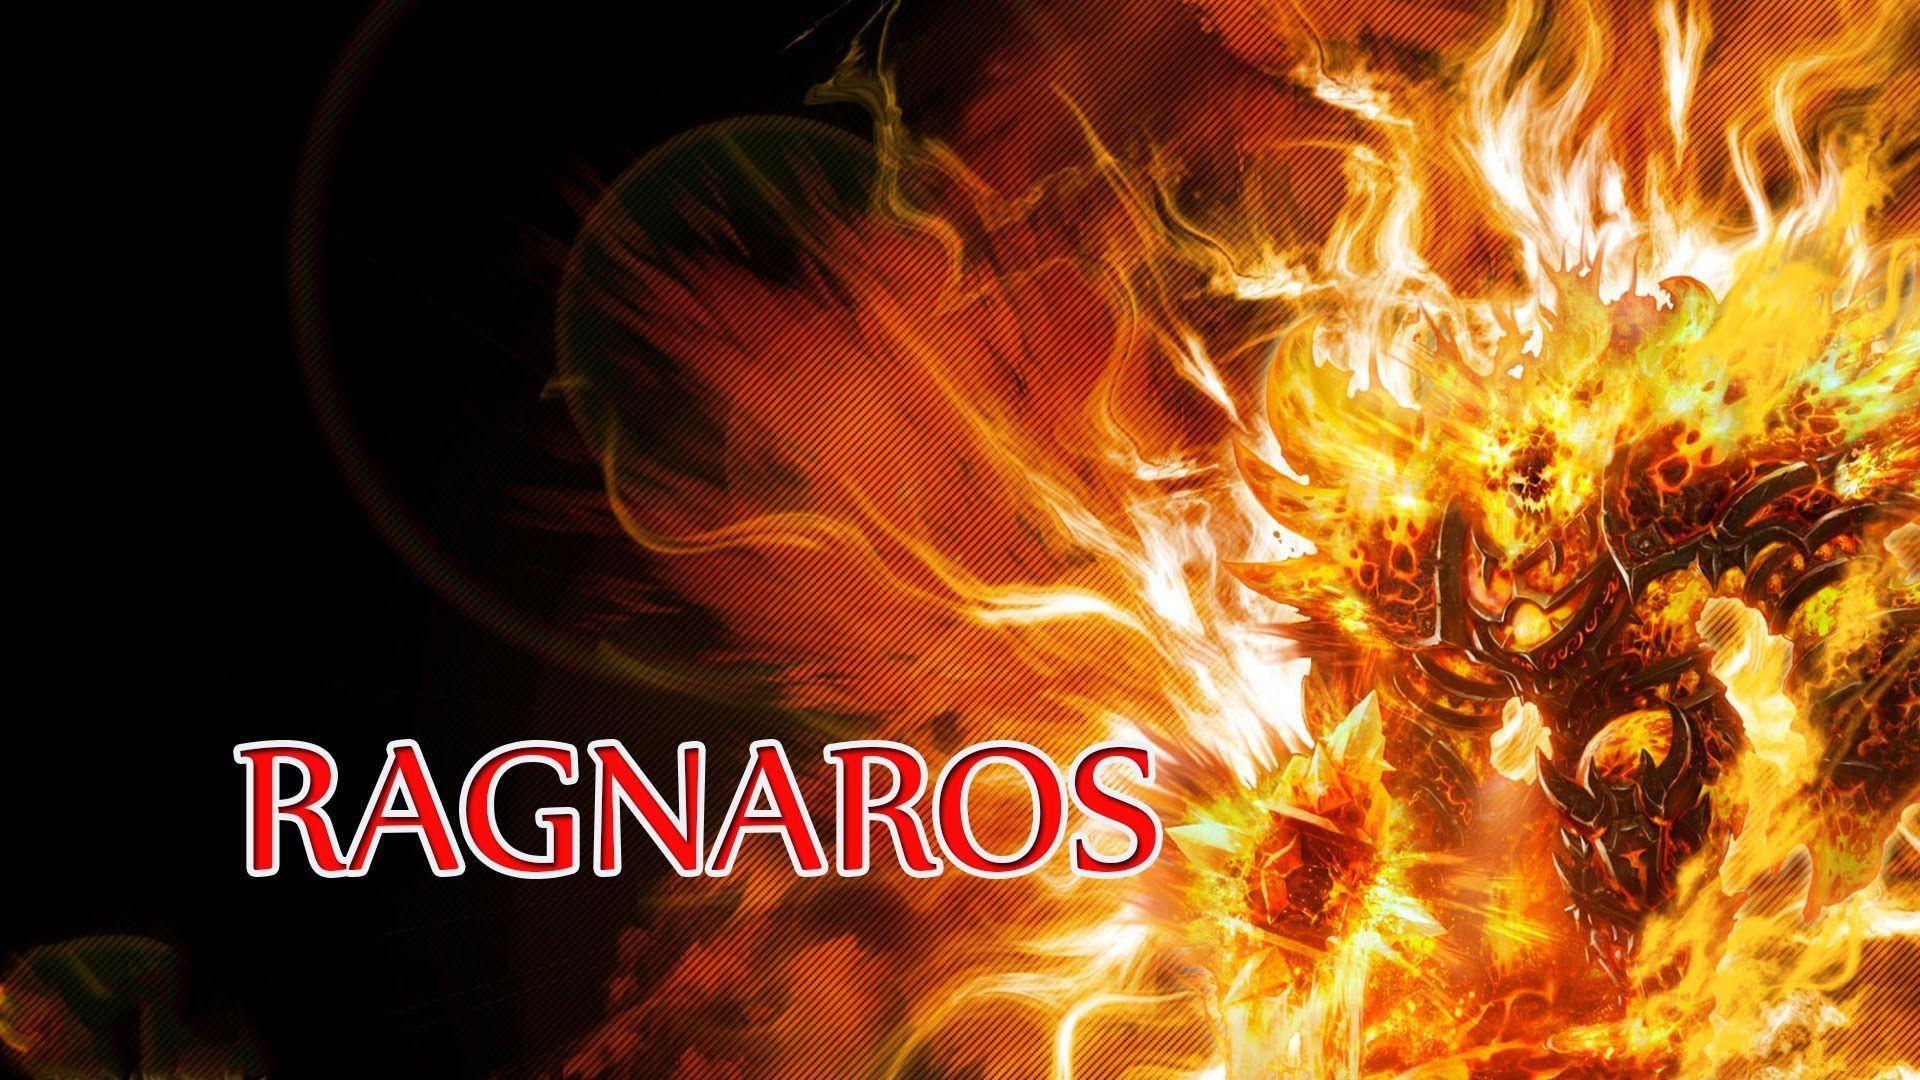 Ragnaros Wallpaper